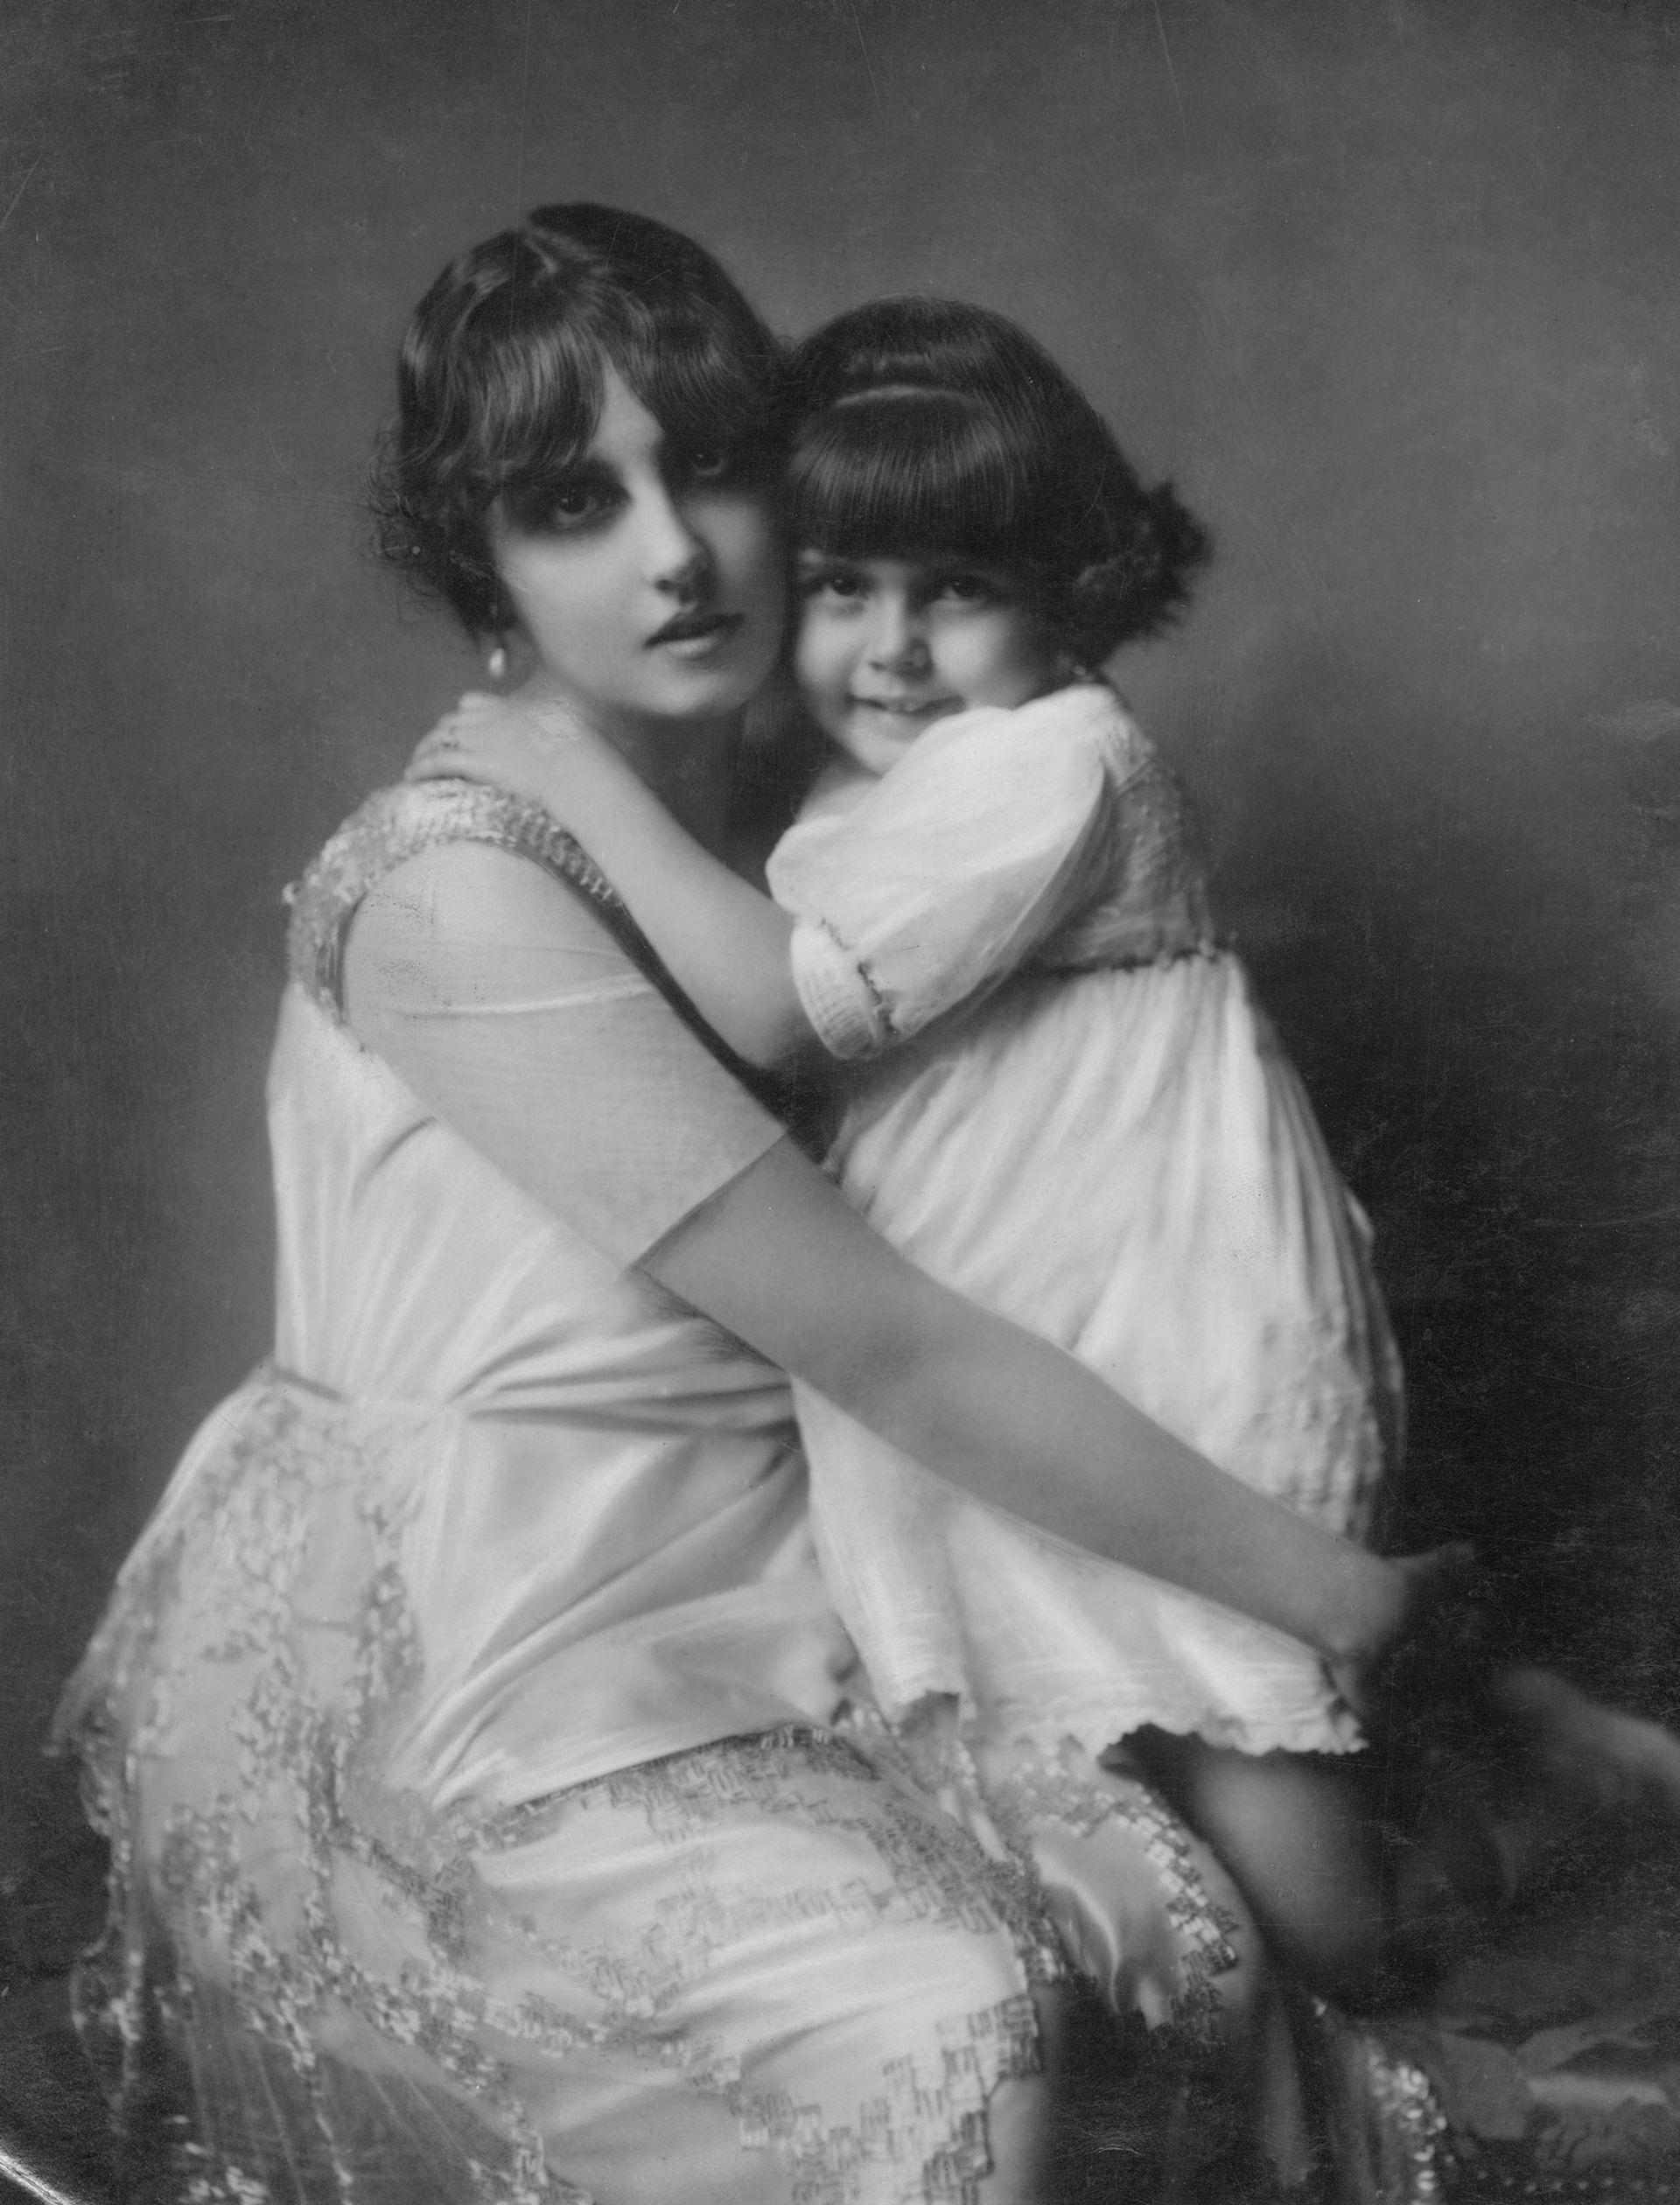 Justa Dose de Zemborain y su hija Esther, fotografiadas por Van Riel. 1920.